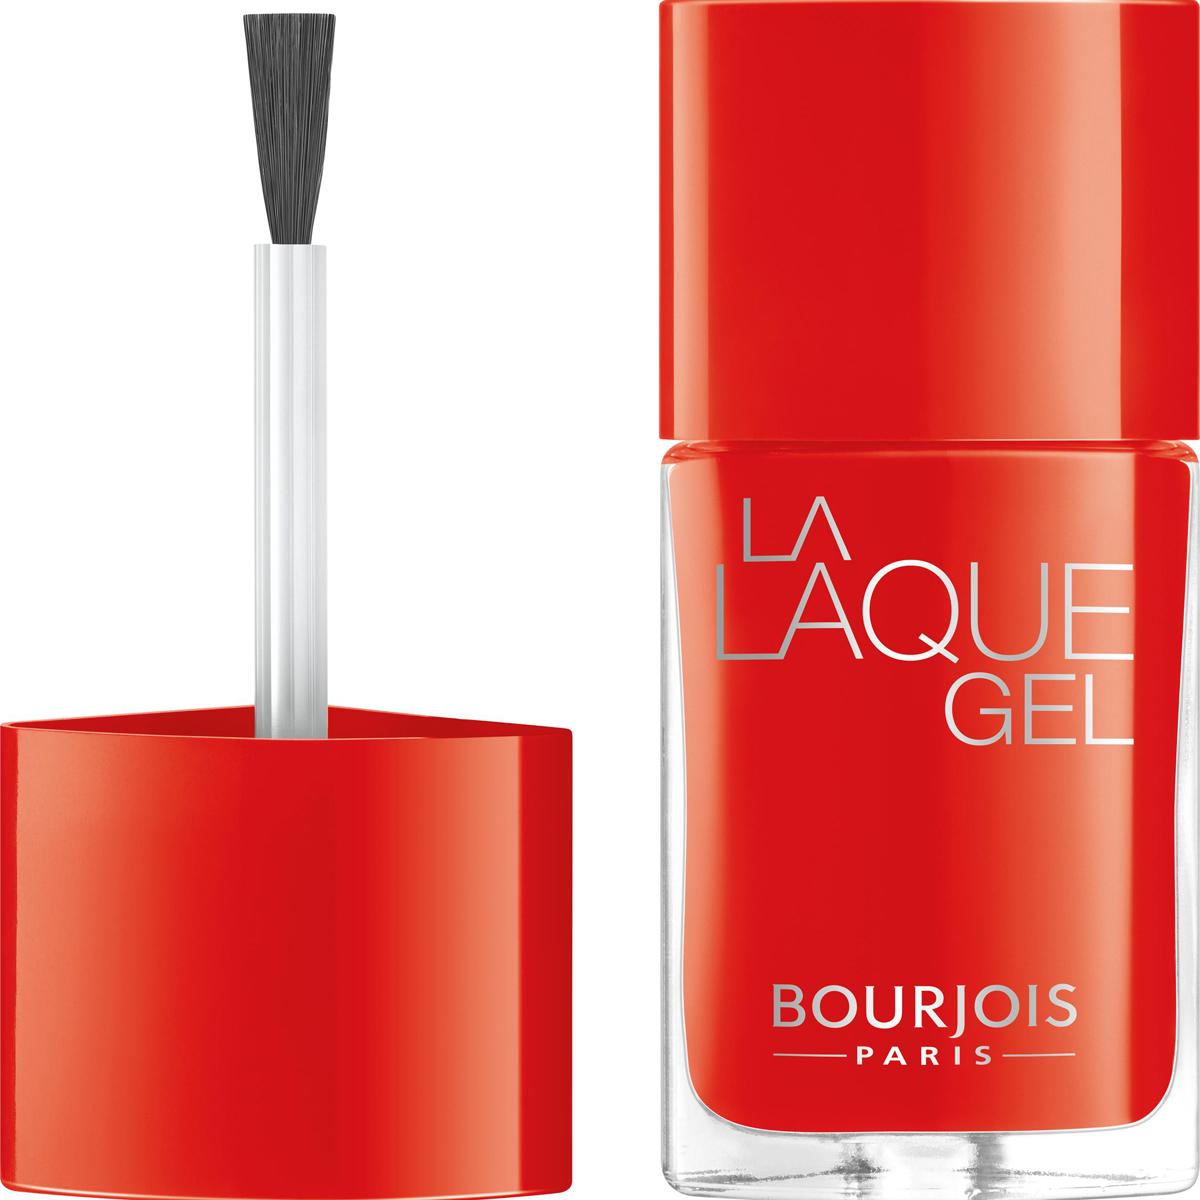 Bourjois Гель-лак Для Ногтей La Laque Gel, Тон 2729101362027Маникюр в 2 шага. Без УФ-лампы. Легко удалить жидкостью для снятия лака. Стойкость до 15 дней. Интенсивность цвета и сияние.